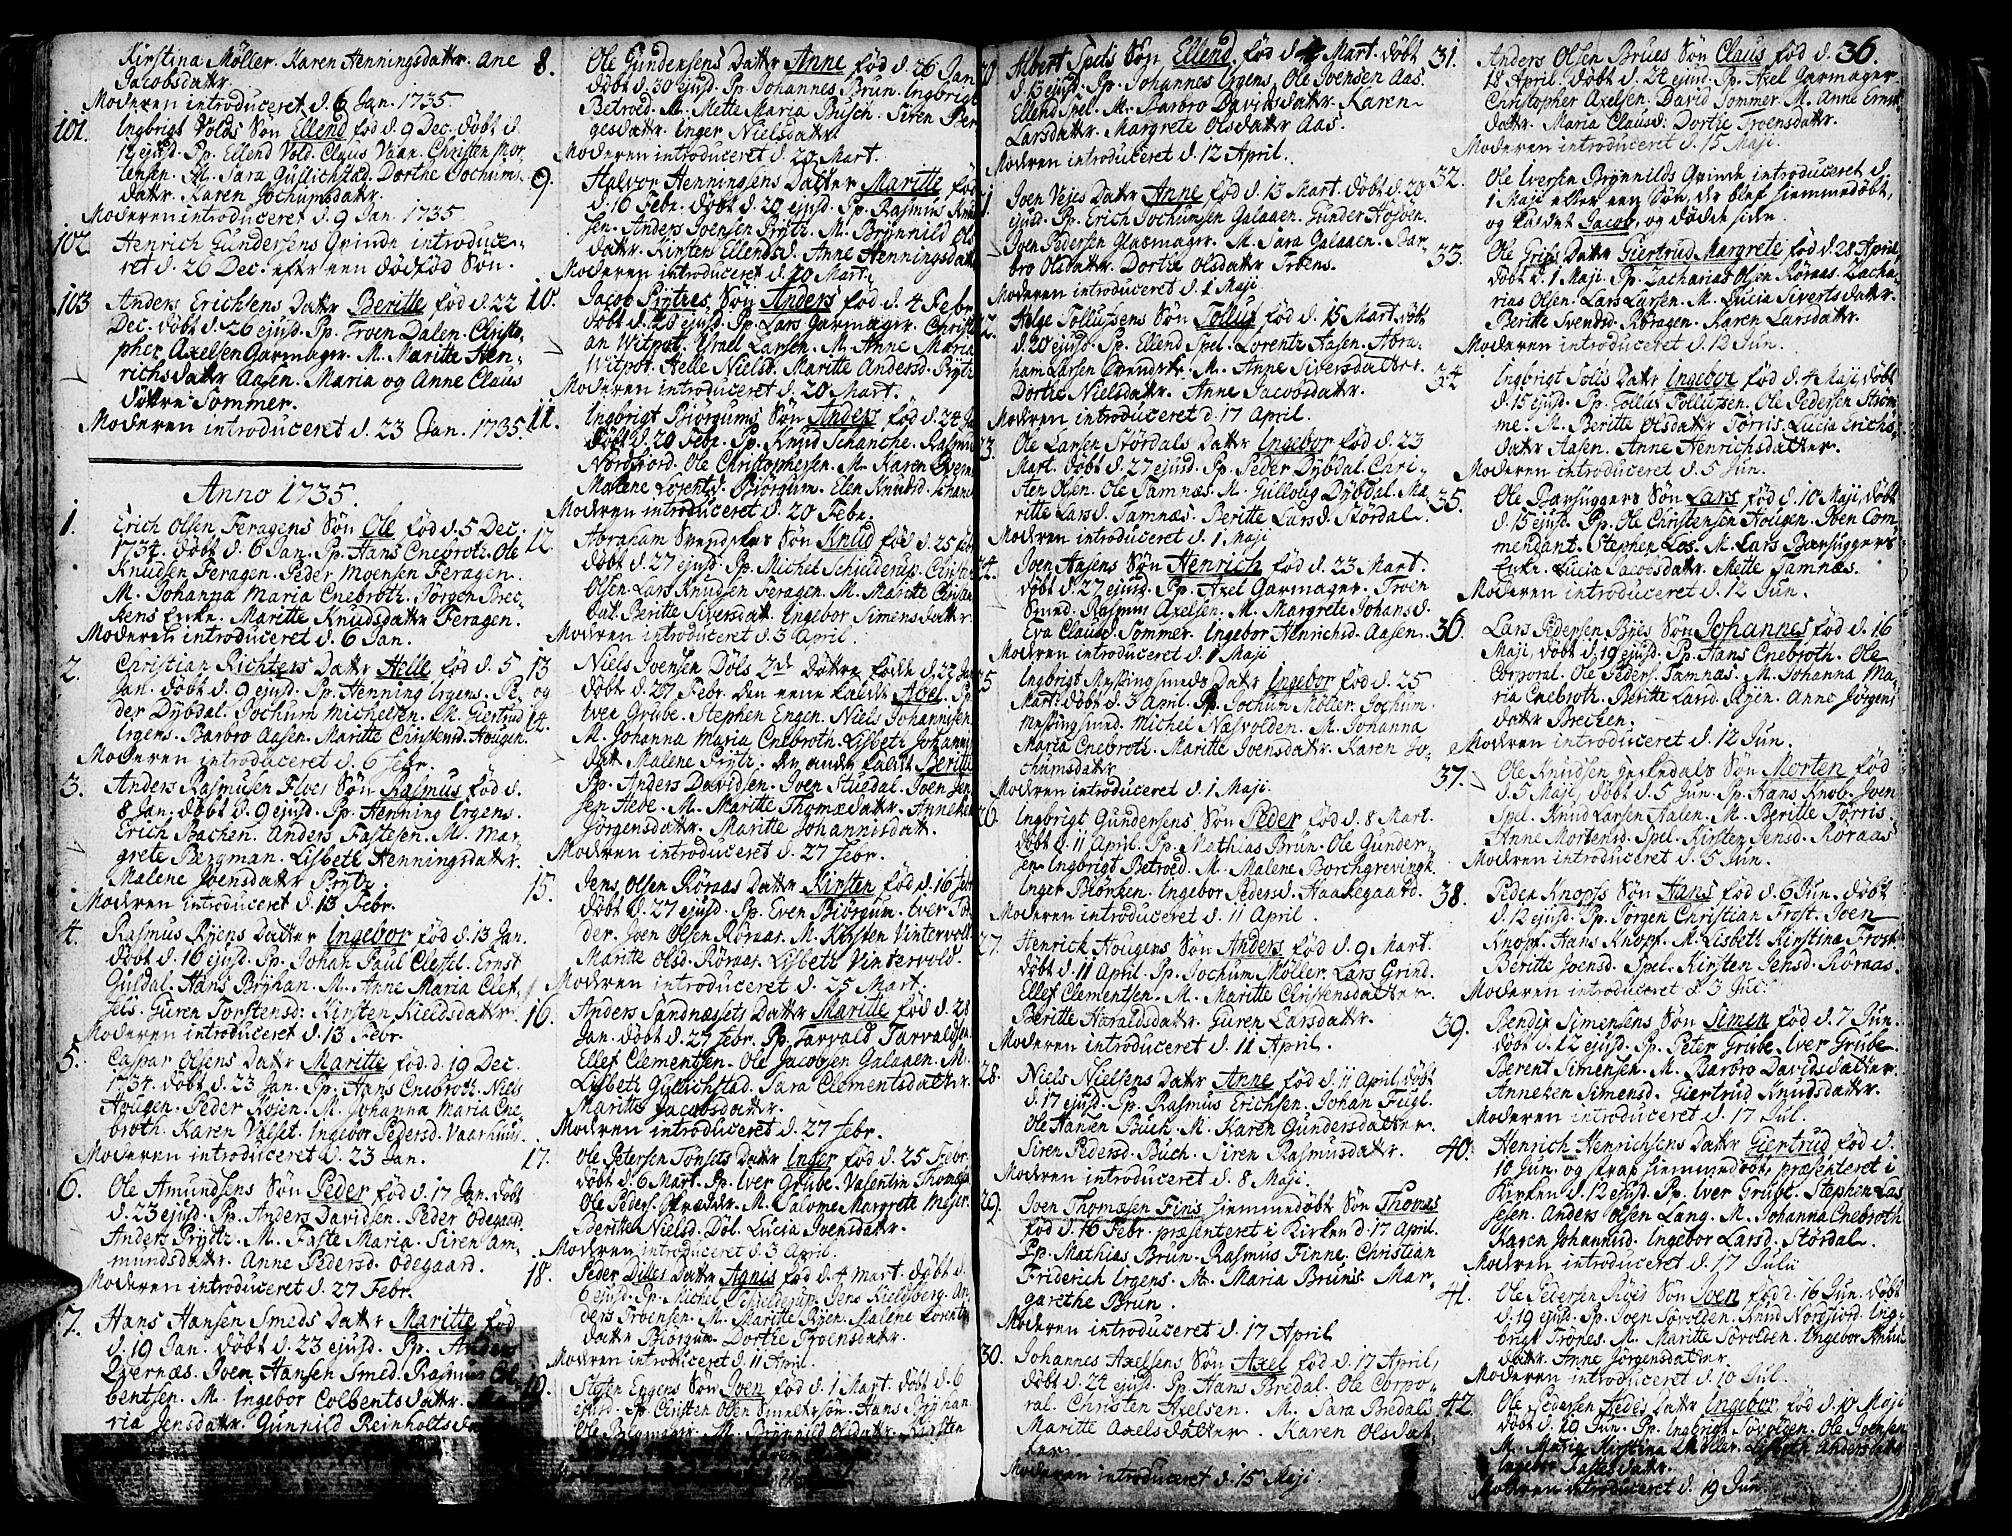 SAT, Ministerialprotokoller, klokkerbøker og fødselsregistre - Sør-Trøndelag, 681/L0925: Ministerialbok nr. 681A03, 1727-1766, s. 36